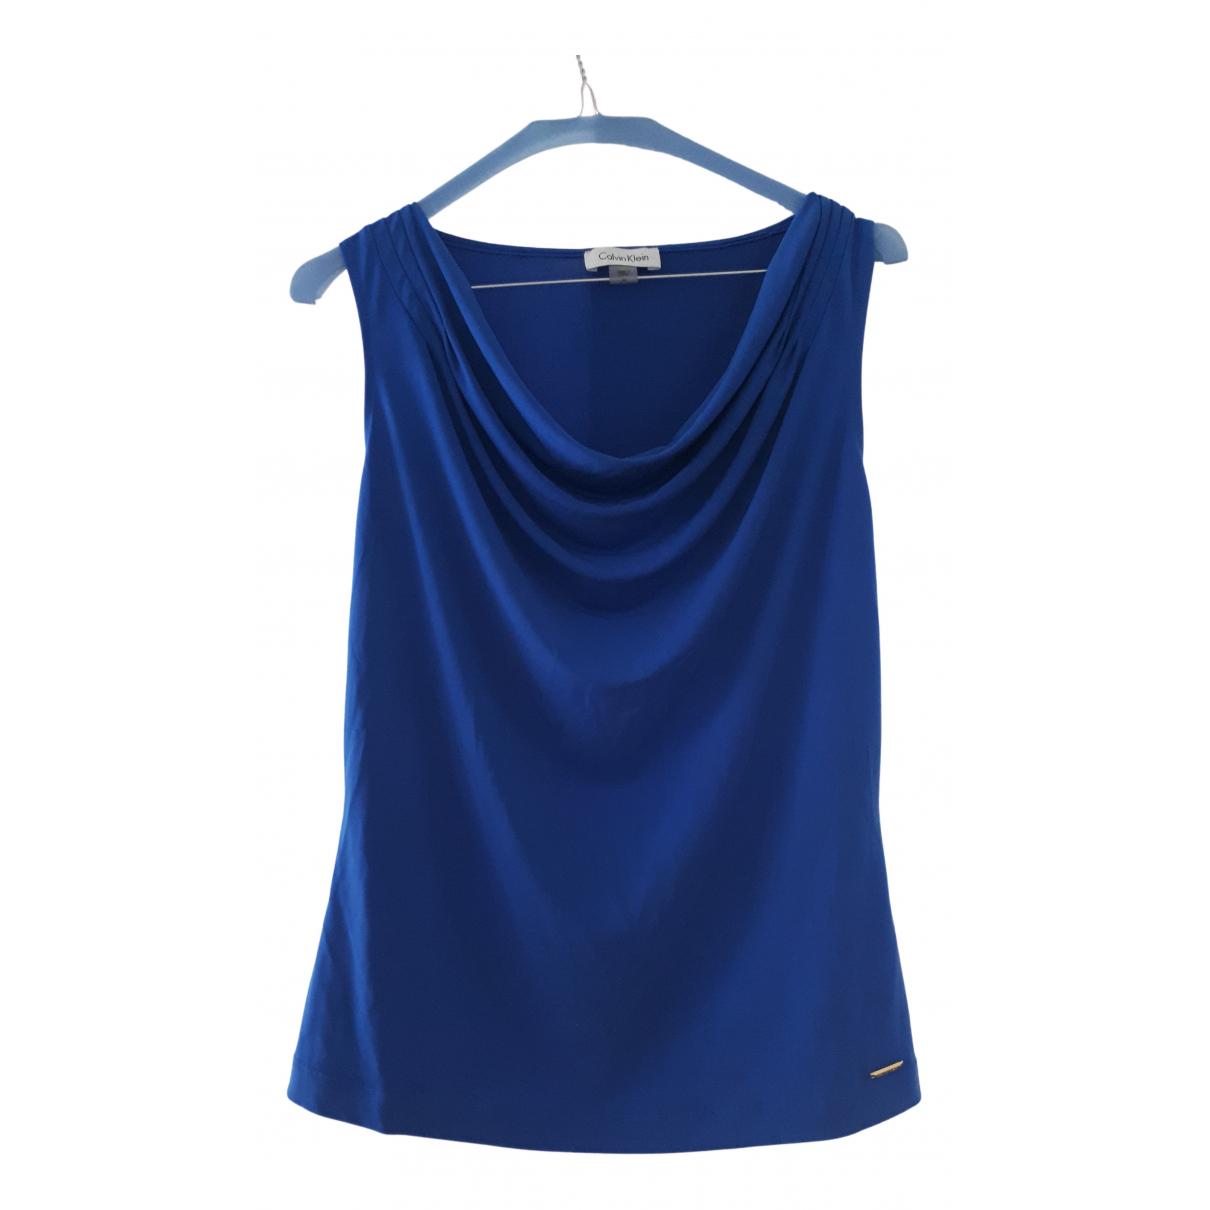 Calvin Klein - Top   pour femme - bleu